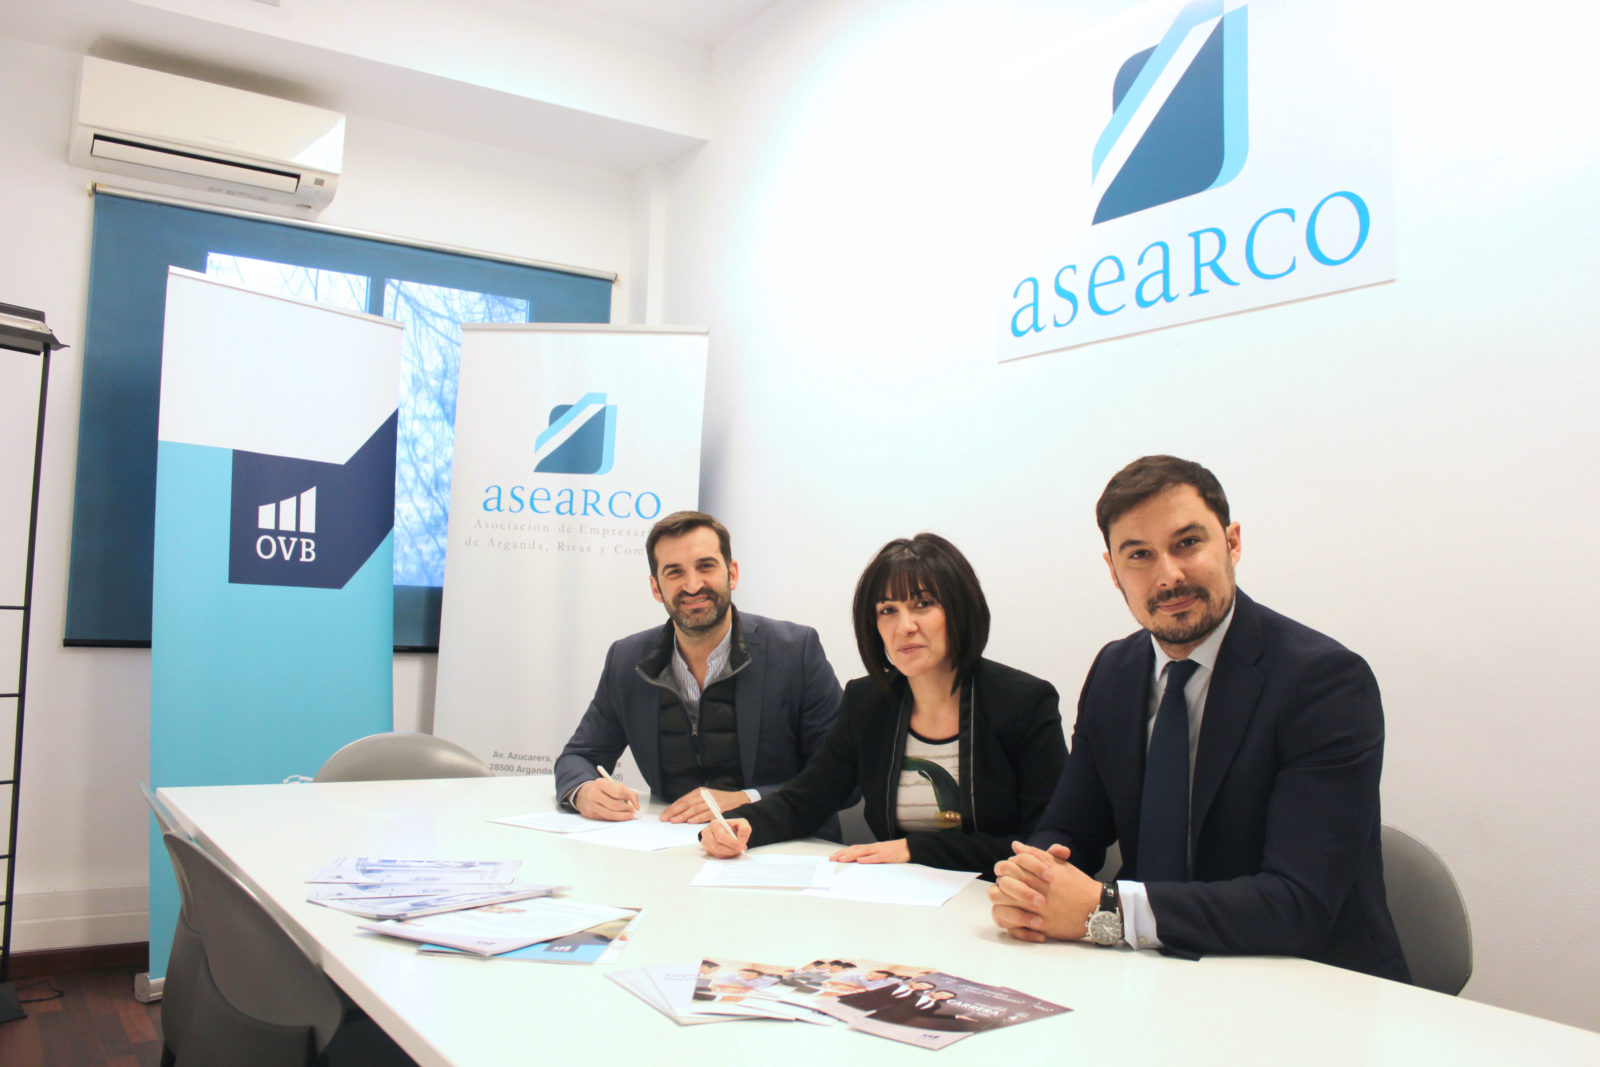 En la imagen, David París, presidente de ASEARCO, Ana Mª Redondo, Consultor Financiero Independiente e Ignacio Segura, Director de Agencia para OVB Allfinanz.